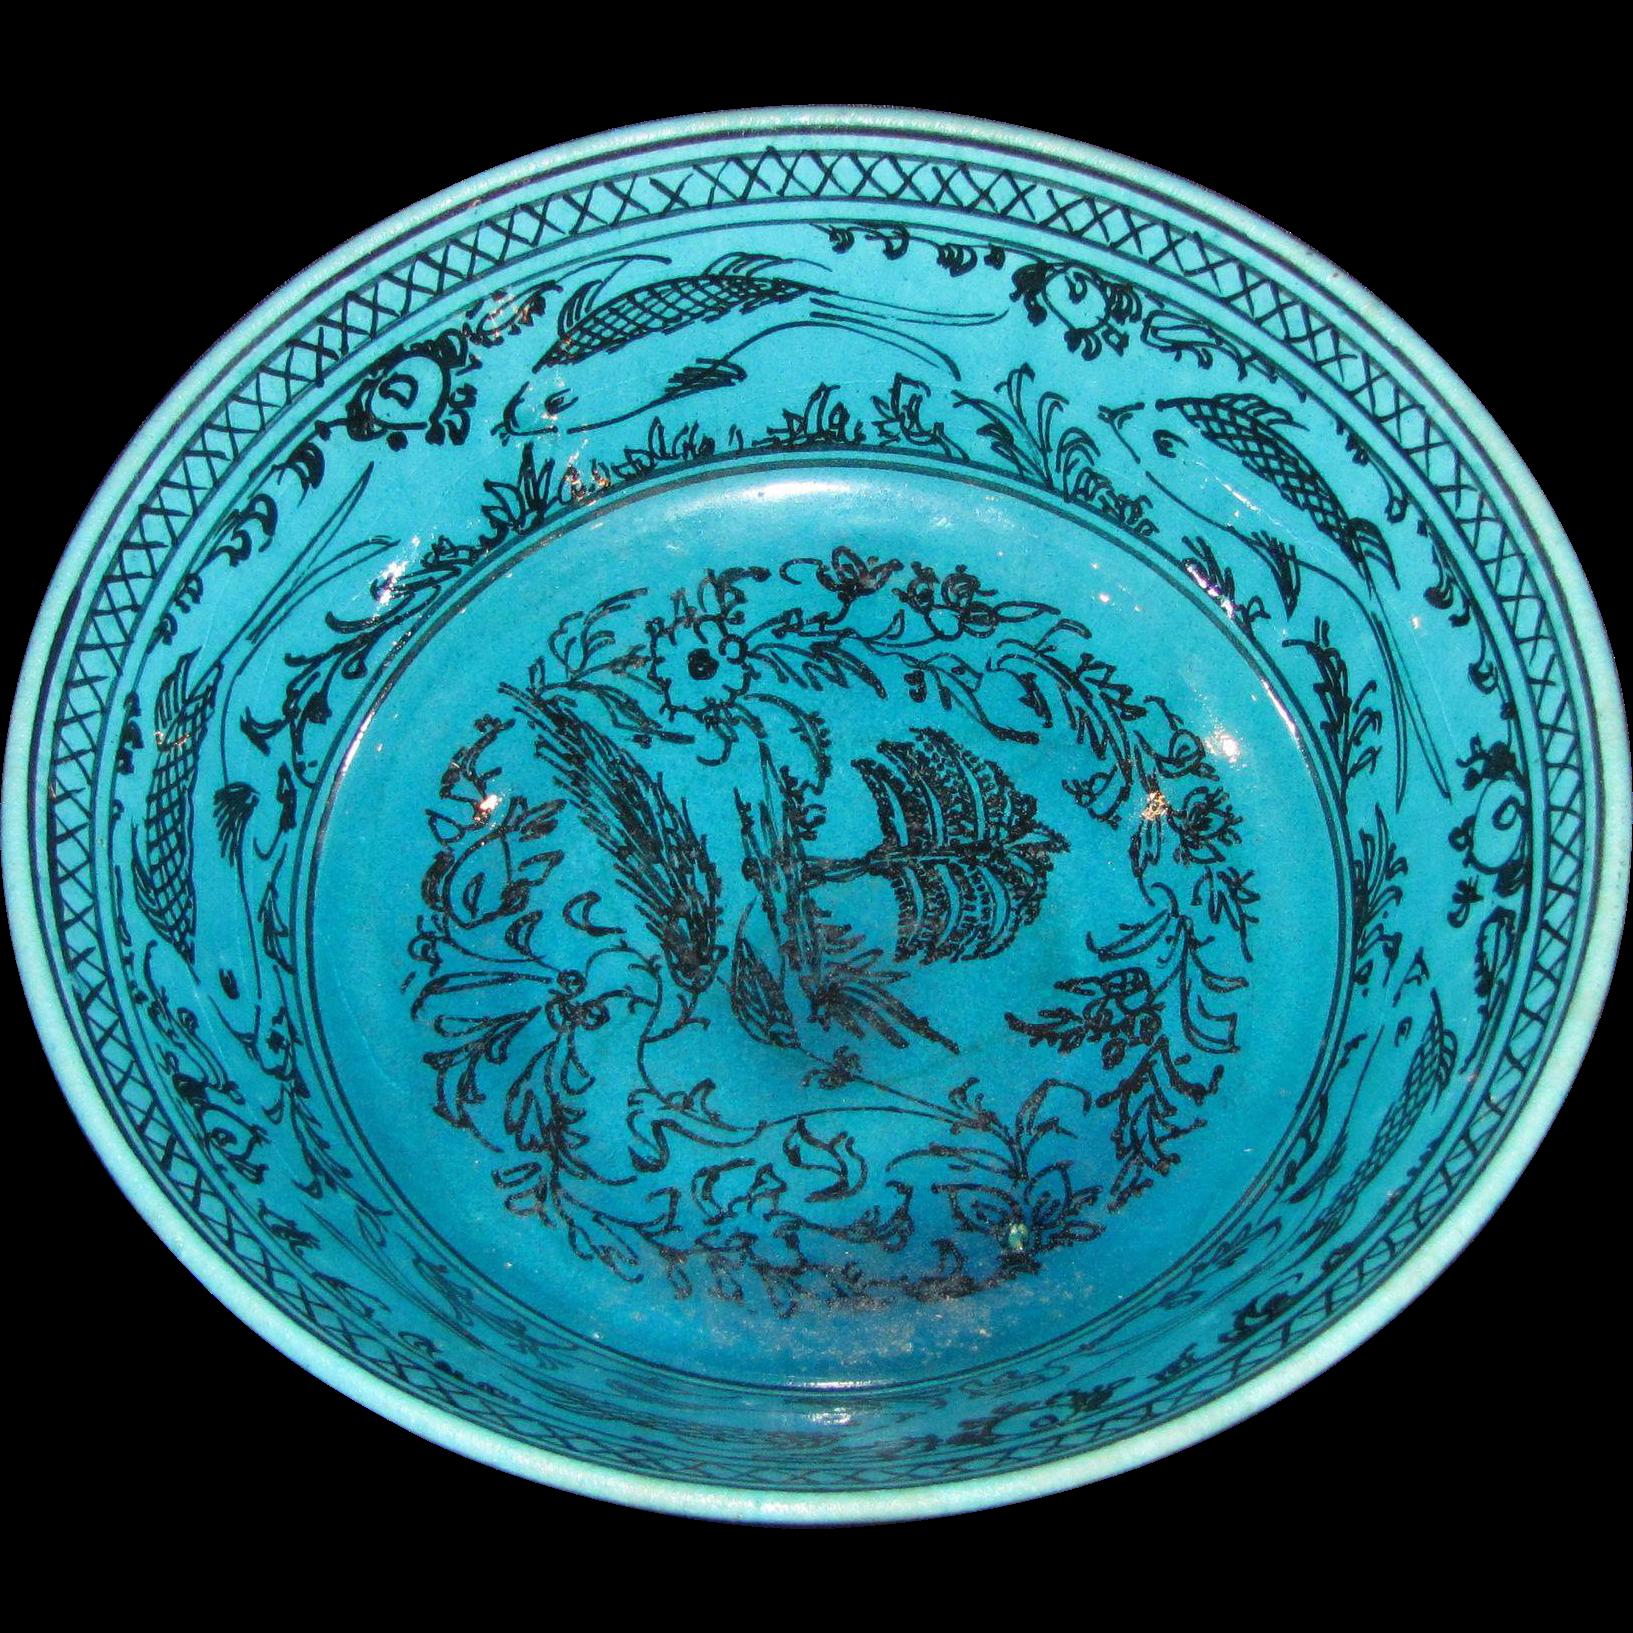 Antique Persian Porcelain Bowl 19th Century